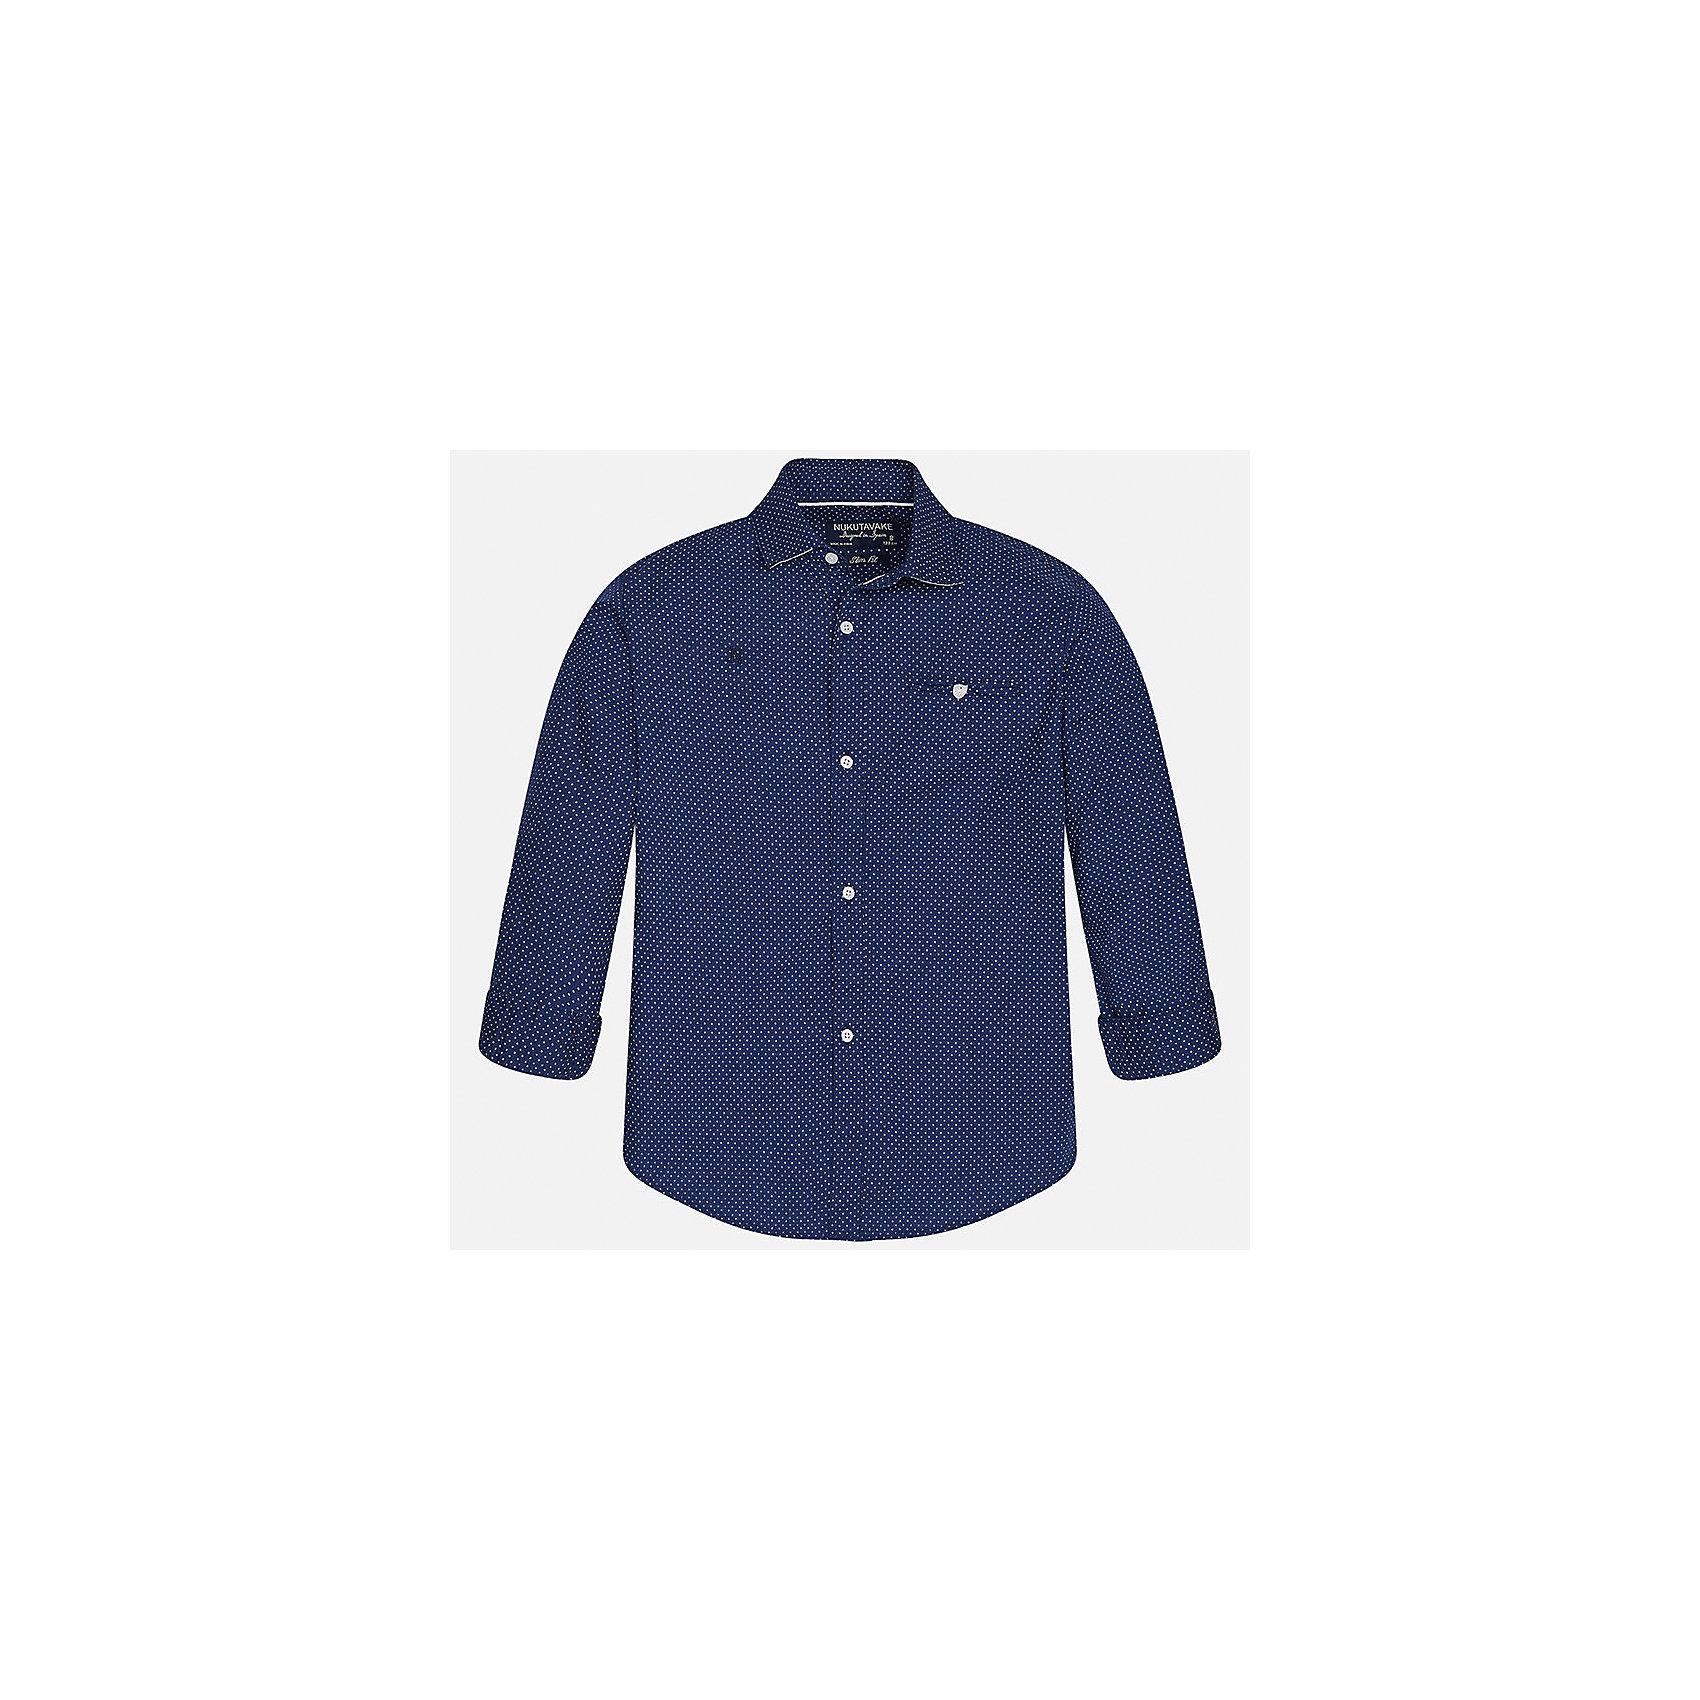 Рубашка для мальчика MayoralБлузки и рубашки<br>Характеристики товара:<br><br>• цвет: синий<br>• состав: 100% хлопок<br>• отложной воротник<br>• декорирована карманом и вышивкой на груди<br>• рукава с отворотами<br>• застежки: пуговицы<br>• страна бренда: Испания<br><br>Модная рубашка поможет разнообразить гардероб мальчика. Она отлично сочетается с брюками, шортами, джинсами. Универсальный крой и цвет позволяет подобрать к вещи низ разных расцветок. Практичное и стильное изделие! Хорошо смотрится и комфортно сидит на детях. В составе материала - только натуральный хлопок, гипоаллергенный, приятный на ощупь, дышащий. <br><br>Одежда, обувь и аксессуары от испанского бренда Mayoral полюбились детям и взрослым по всему миру. Модели этой марки - стильные и удобные. Для их производства используются только безопасные, качественные материалы и фурнитура. Порадуйте ребенка модными и красивыми вещами от Mayoral! <br><br>Рубашку для мальчика от испанского бренда Mayoral (Майорал) можно купить в нашем интернет-магазине.<br><br>Ширина мм: 174<br>Глубина мм: 10<br>Высота мм: 169<br>Вес г: 157<br>Цвет: синий<br>Возраст от месяцев: 144<br>Возраст до месяцев: 156<br>Пол: Мужской<br>Возраст: Детский<br>Размер: 164,152,170,158,140,128/134<br>SKU: 5281694